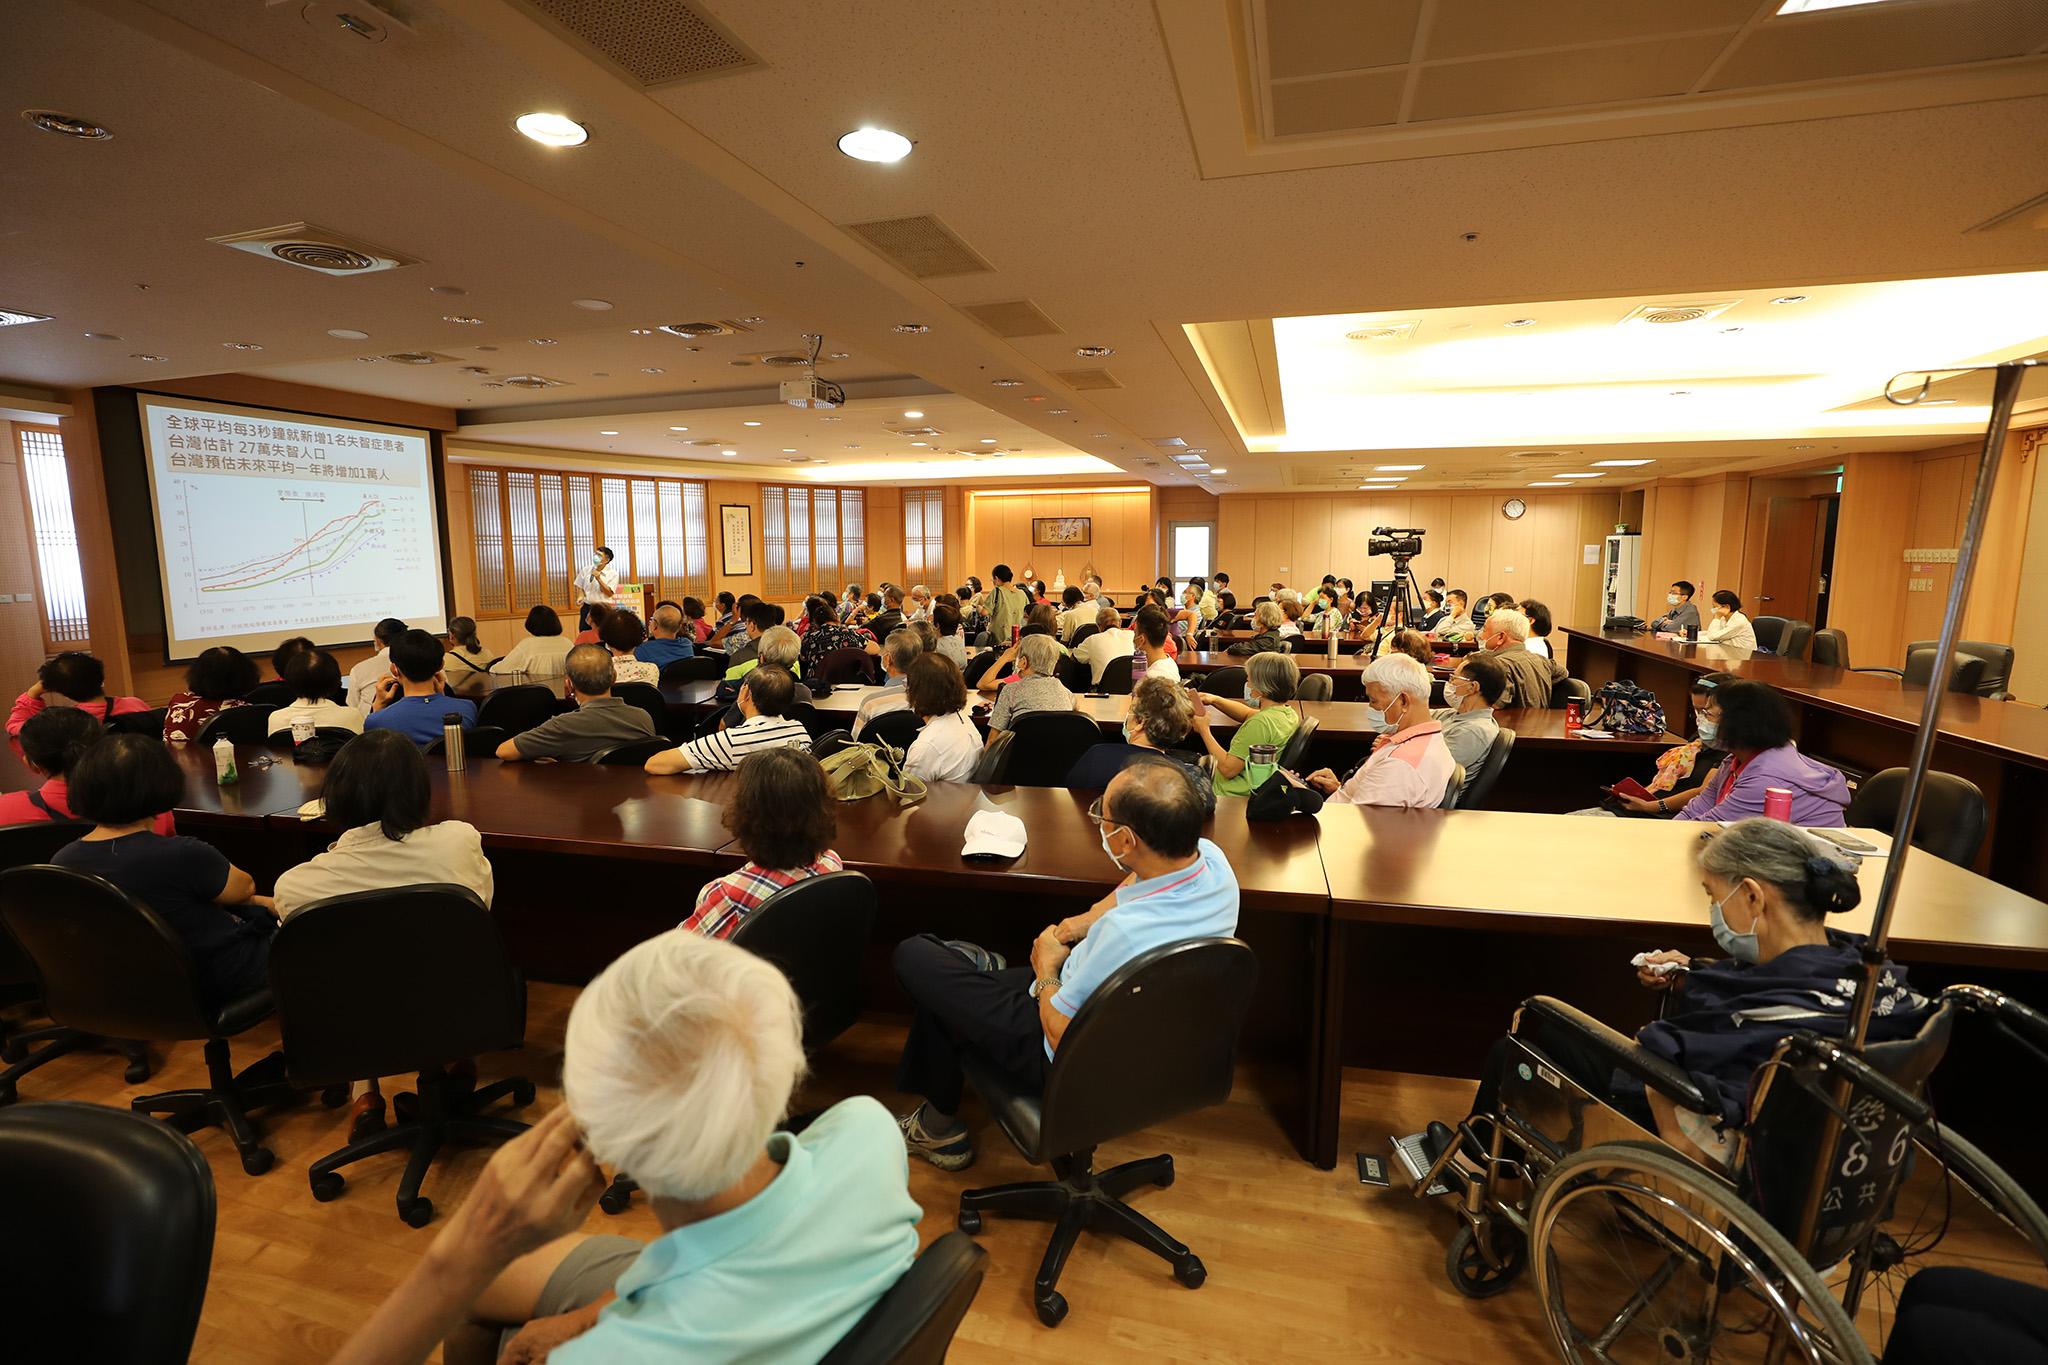 「護腦益智」健康講座獲得很多社區鄉親支持,除了有夫妻同行,也有子女陪伴父母親參加,甚至有孫女陪伴祖母參加。